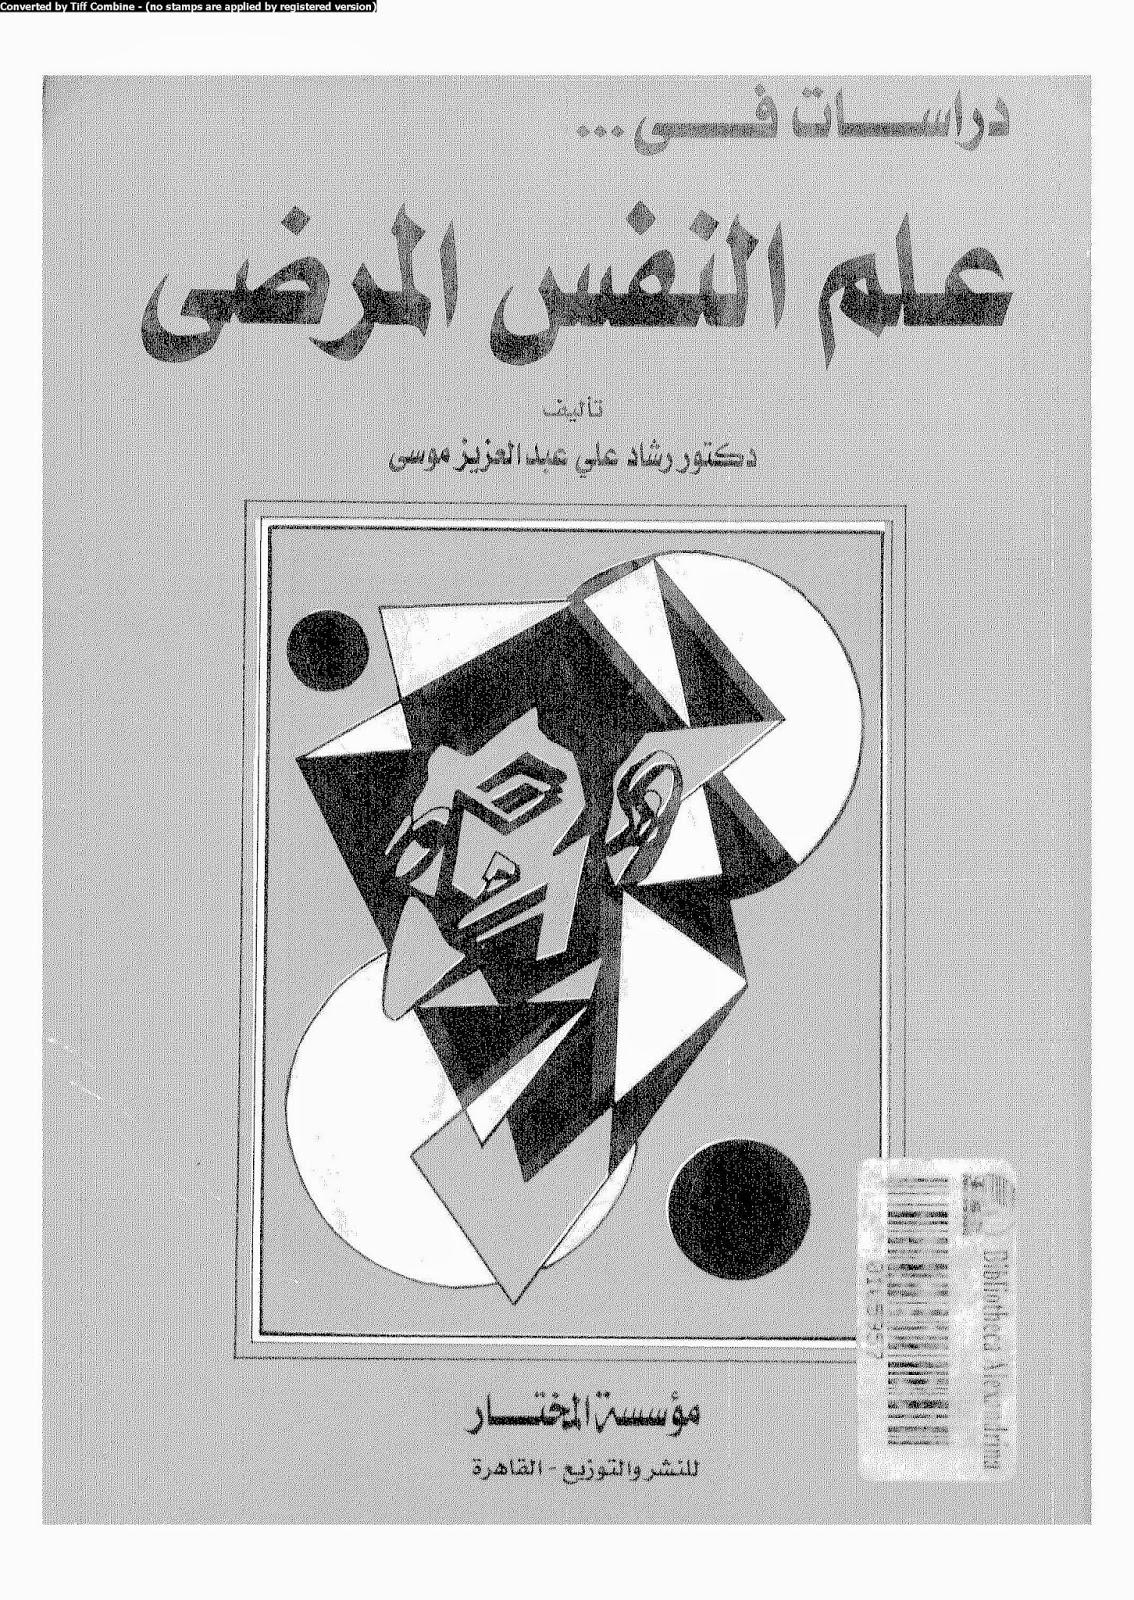 دراسات في علم النفس المرضي لـ رشاد موسى